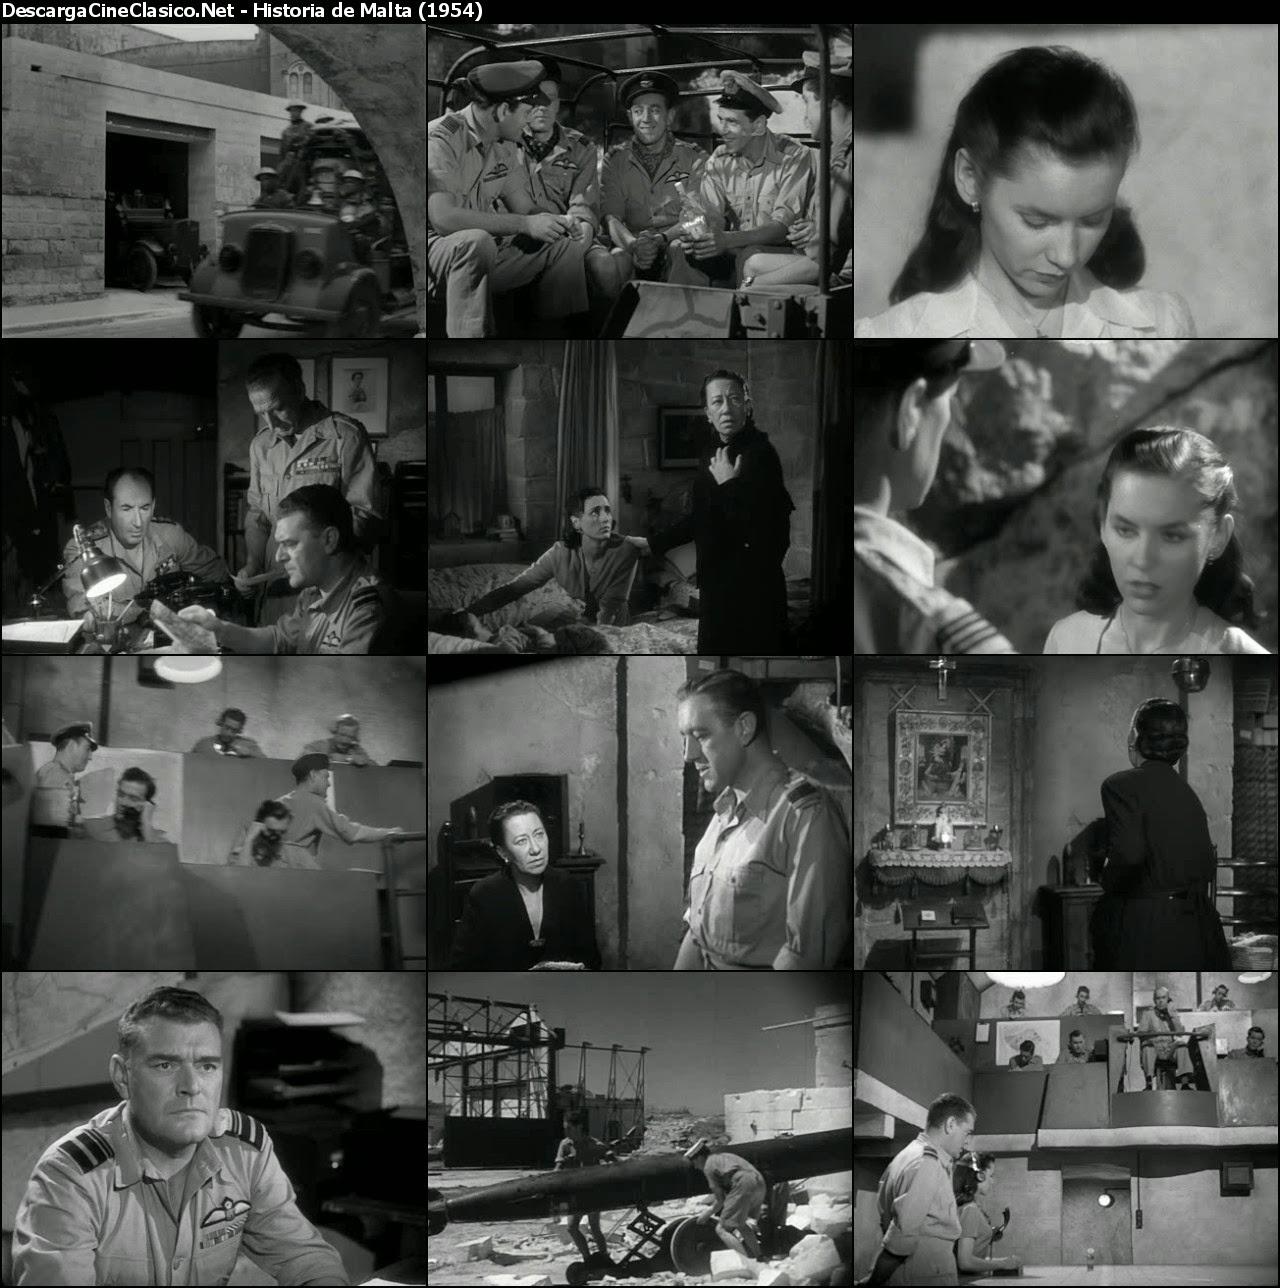 Histoaria de Malta (1953 - Malta Story)